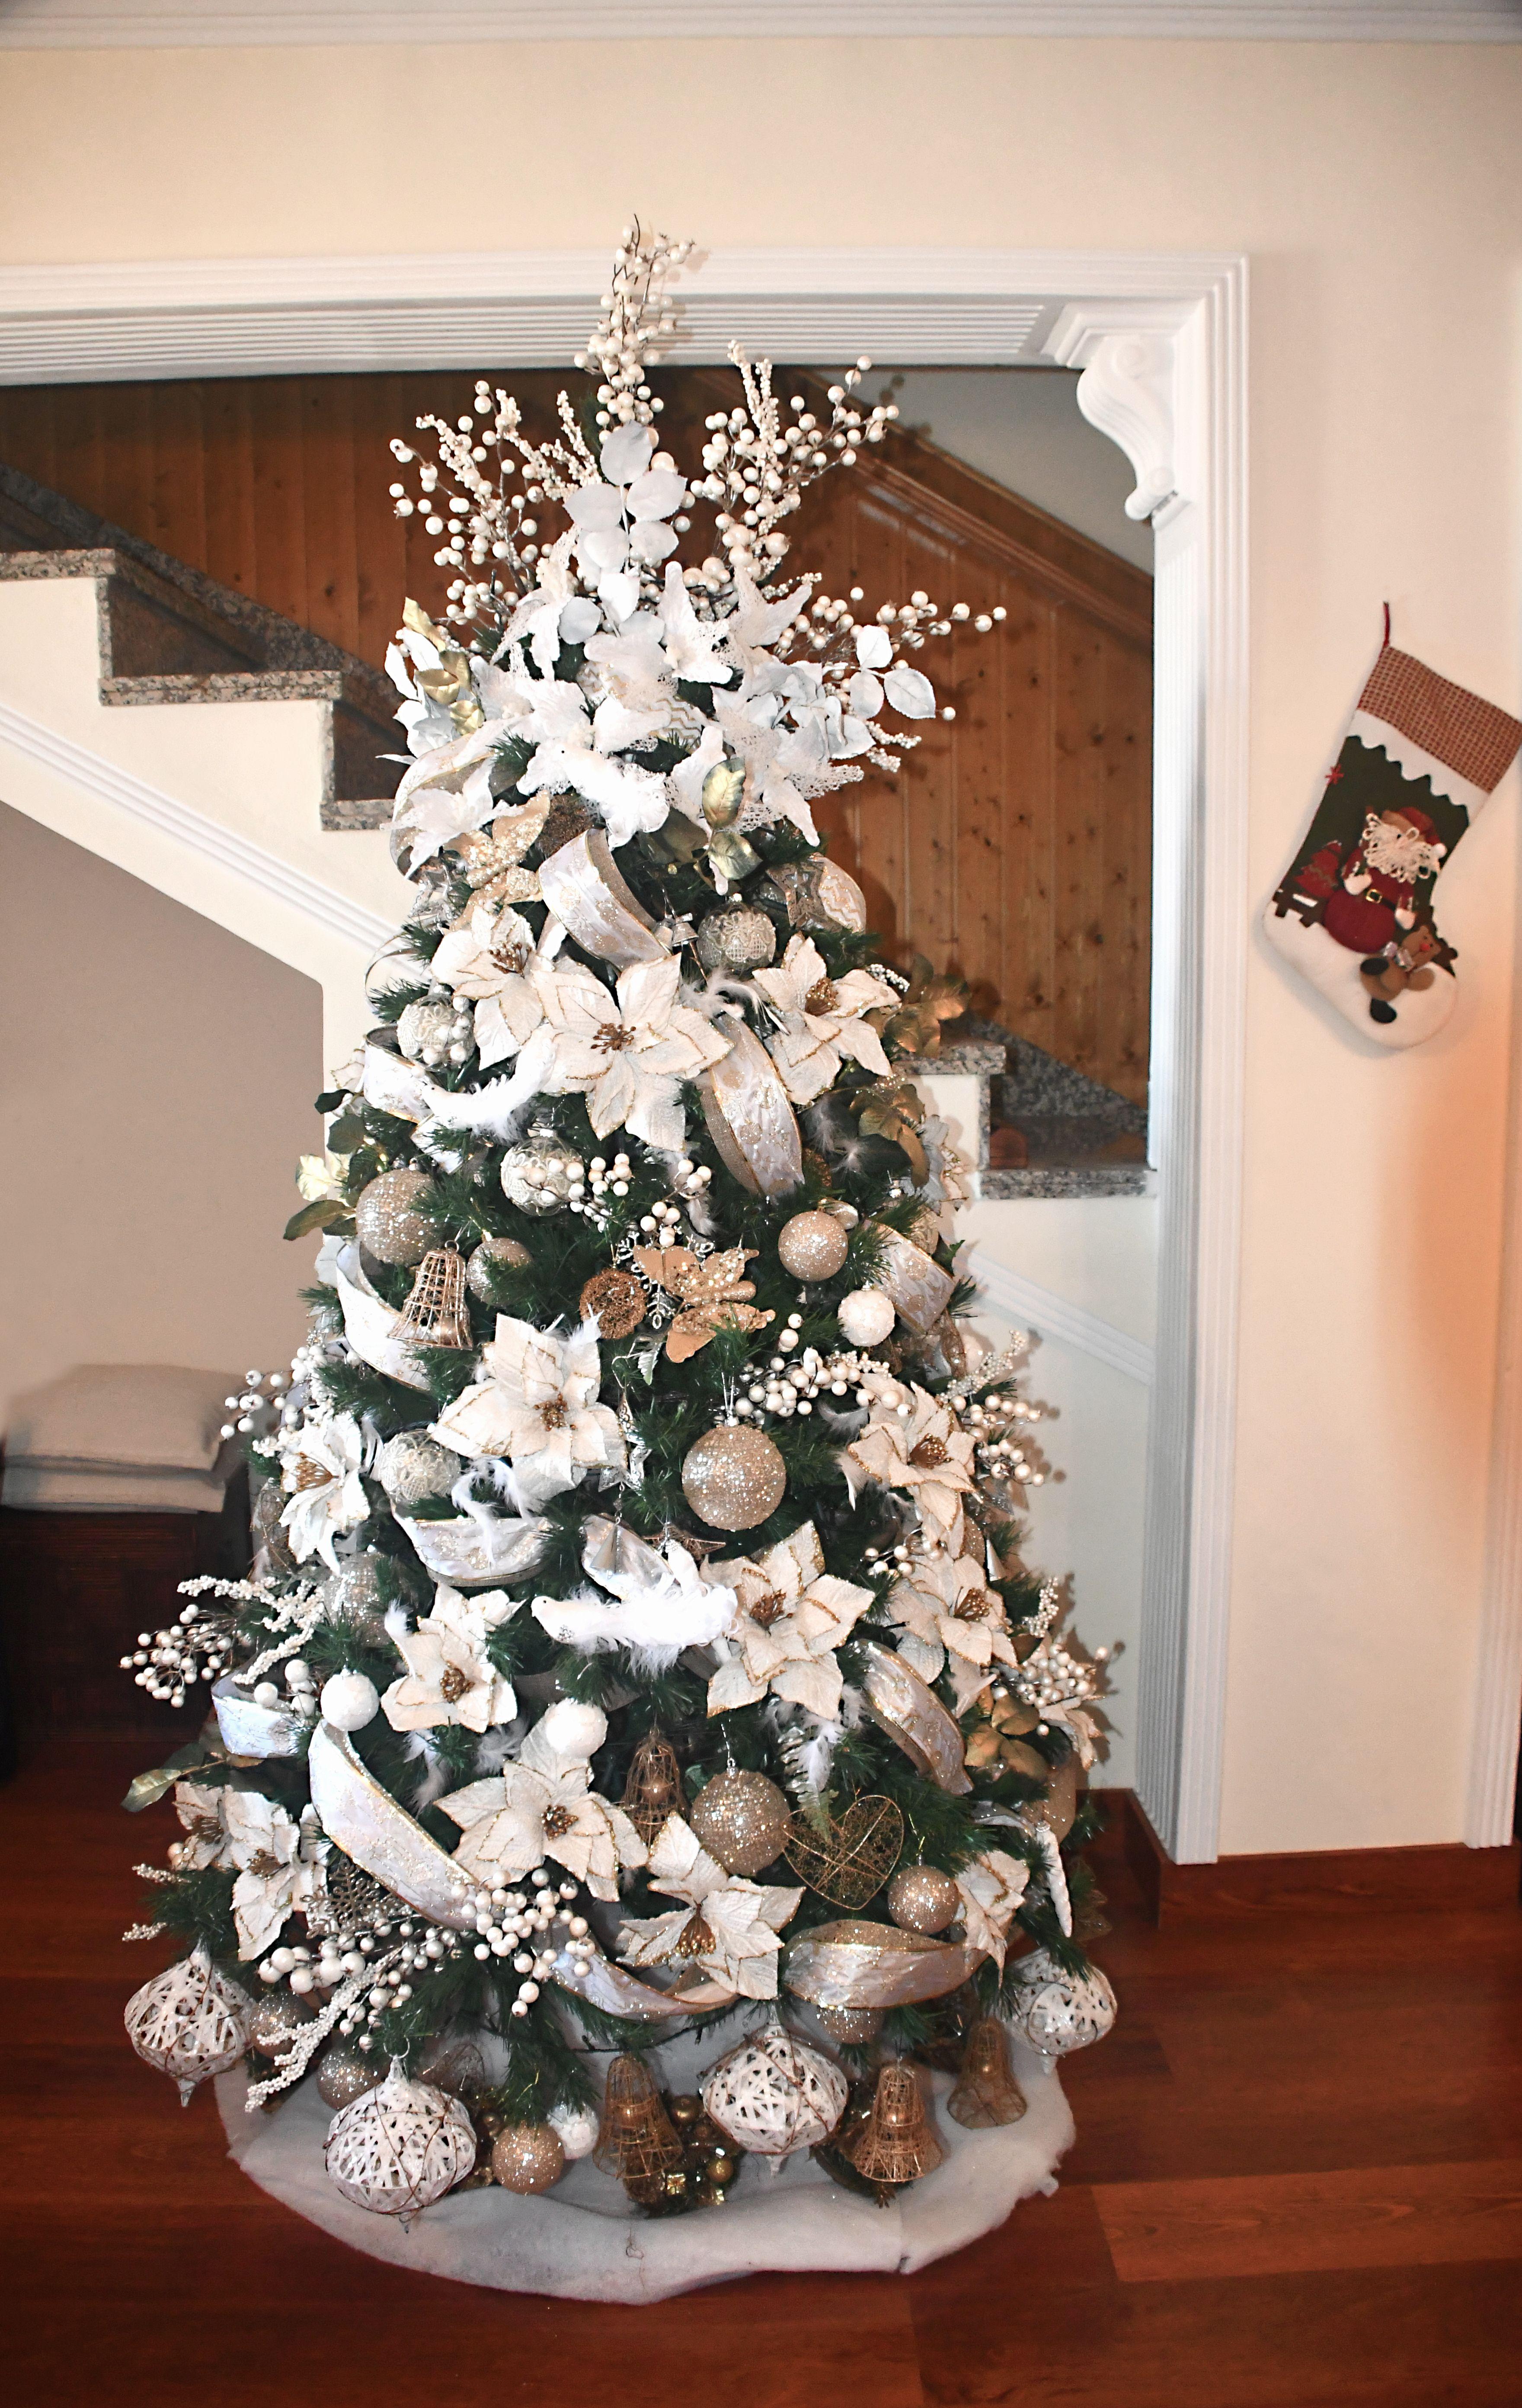 Navidad rbol decorado con blanco y dorado - Arboles de navidad blanco ...